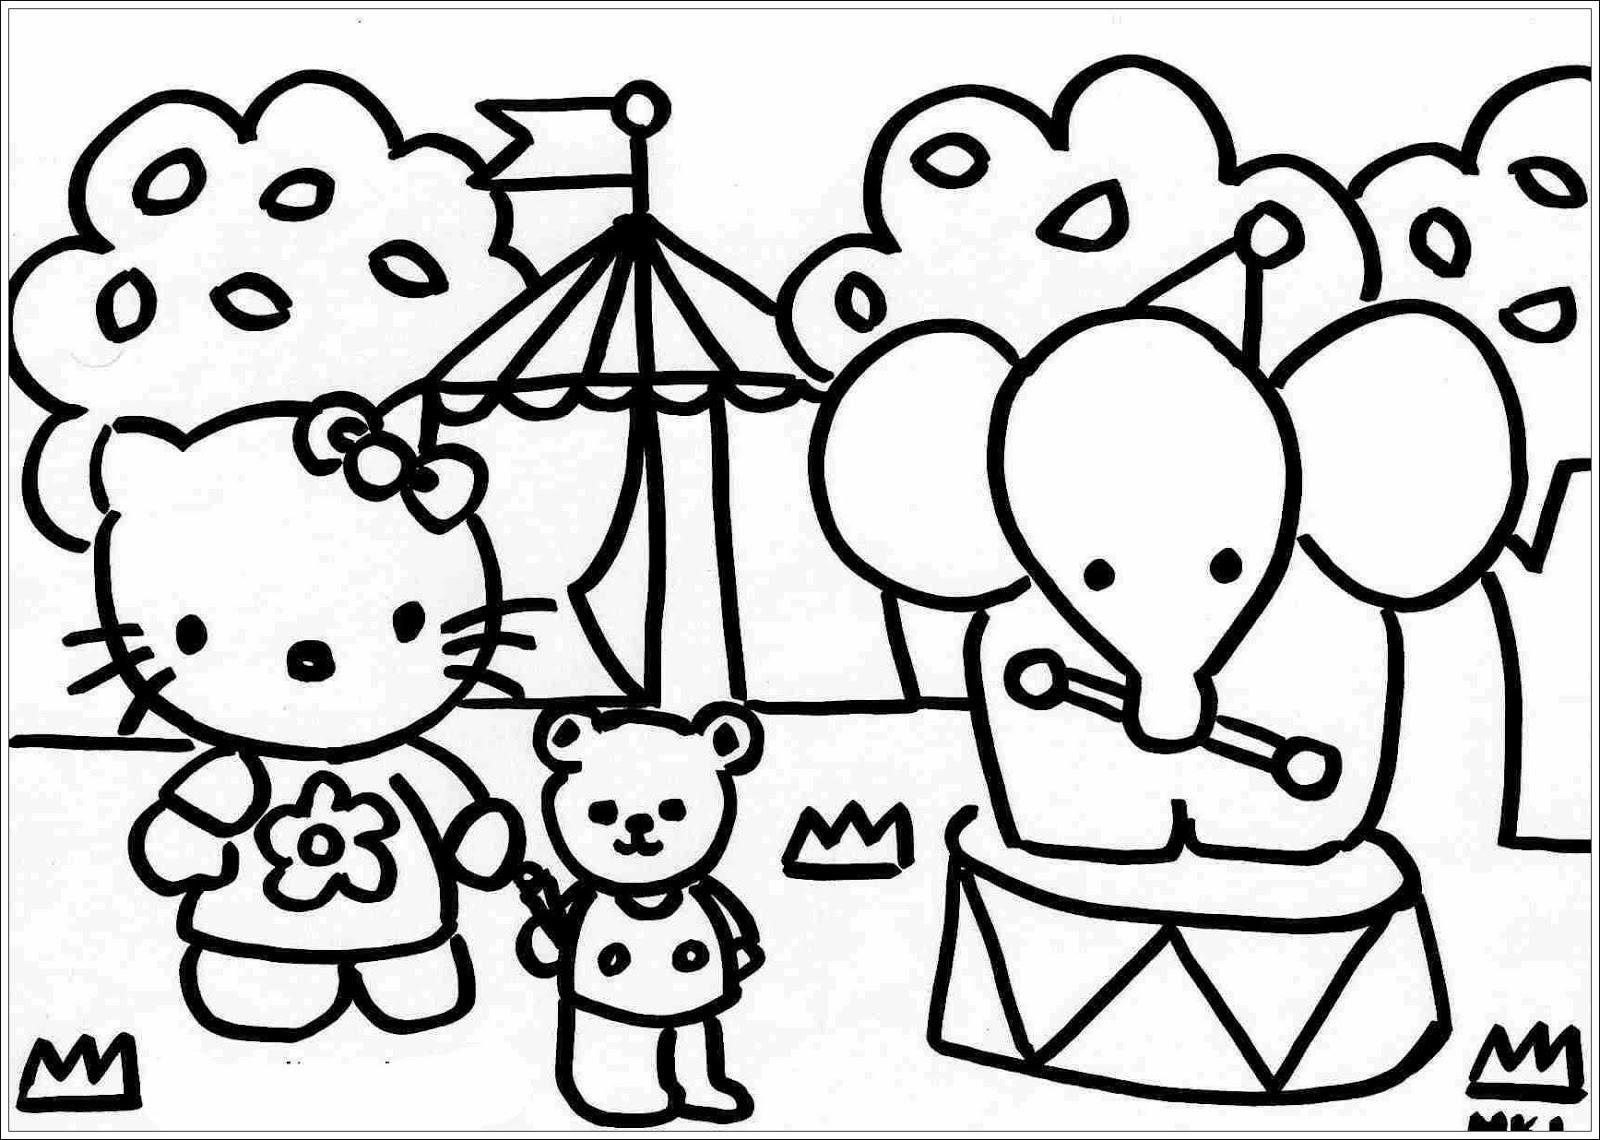 Bilder Zum Ausdrucken Hello Kitty